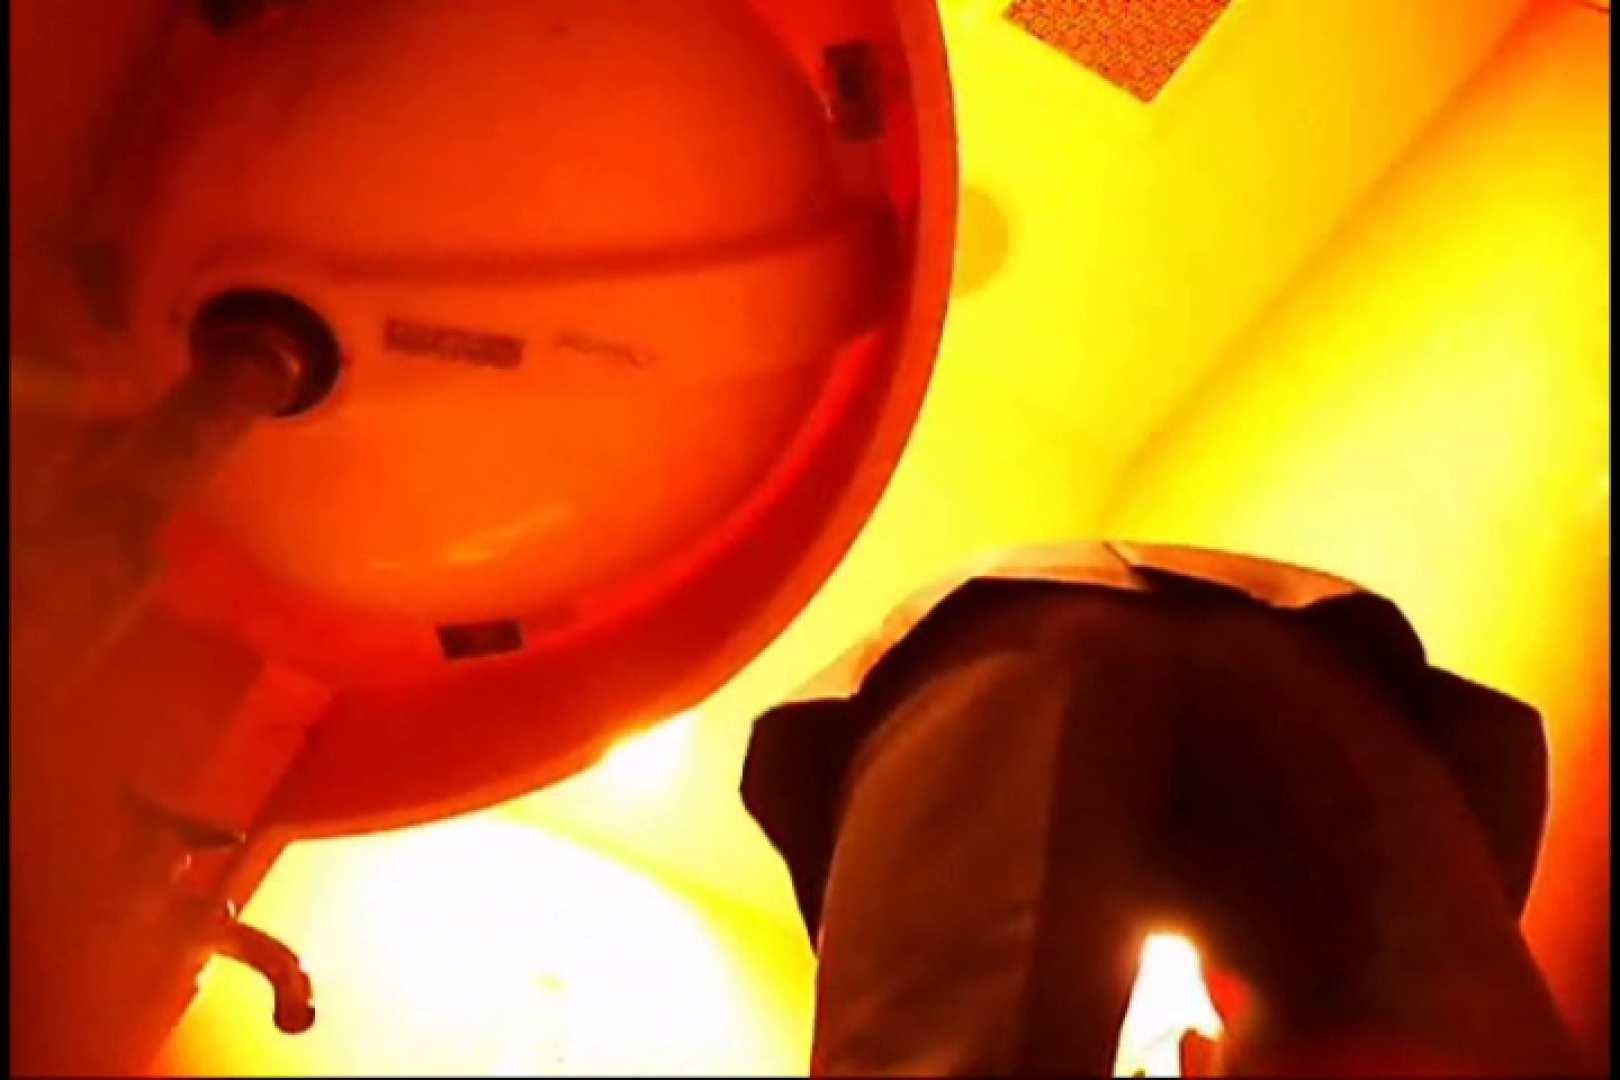 潜入!!女子化粧室盗撮~絶対見られたくない時間~vo,8 盗撮師作品 ヌード画像 106pic 74